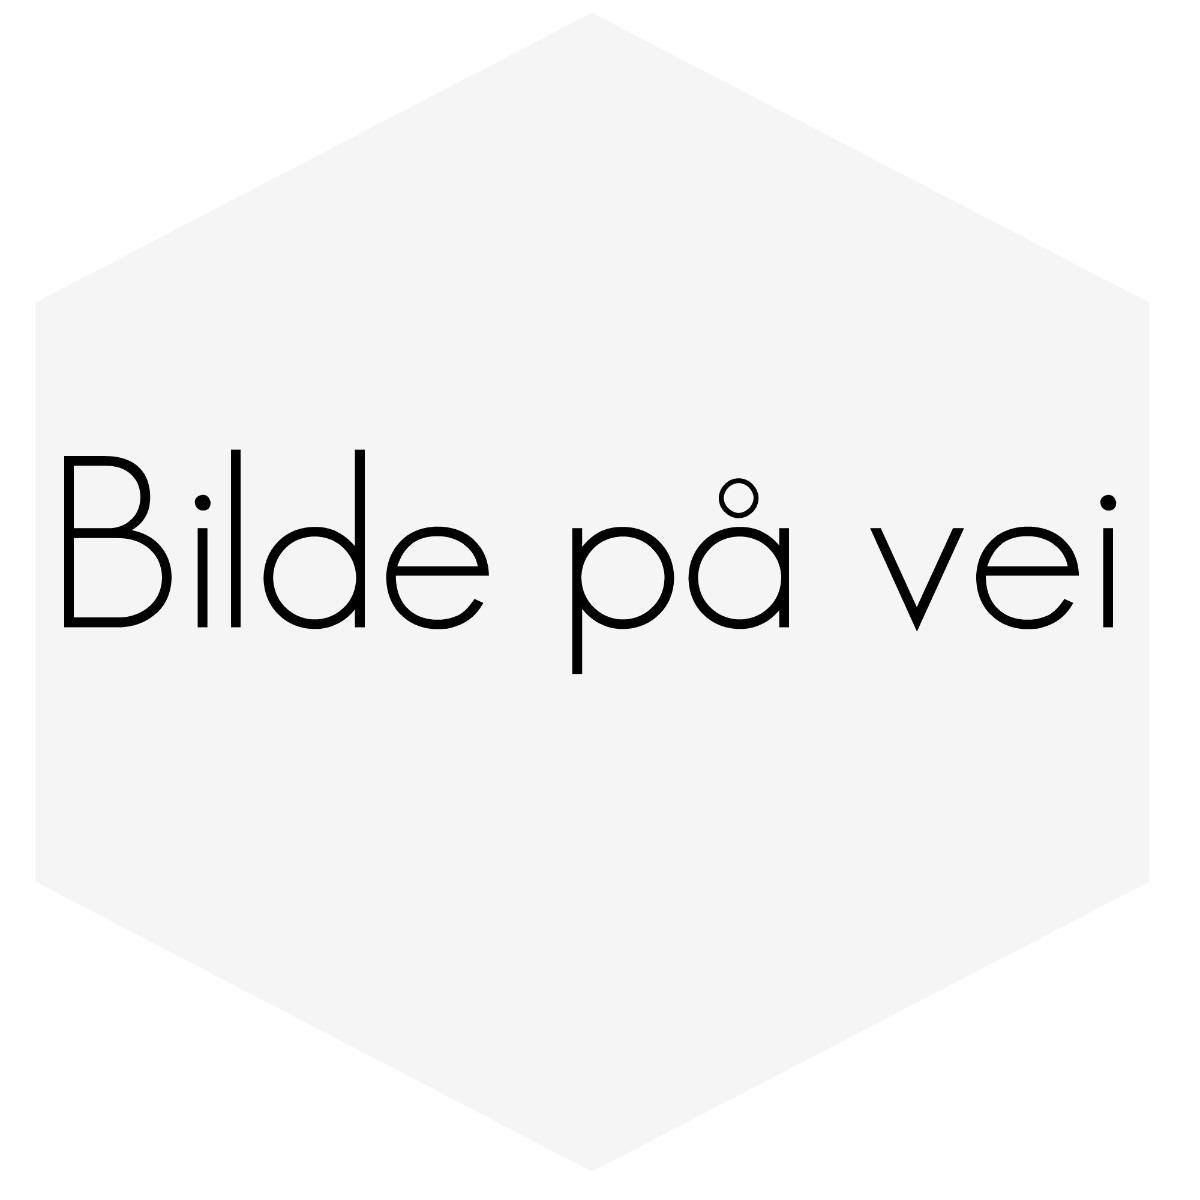 SPOILER/VINGE BAK VOLVO 854 SEDAN